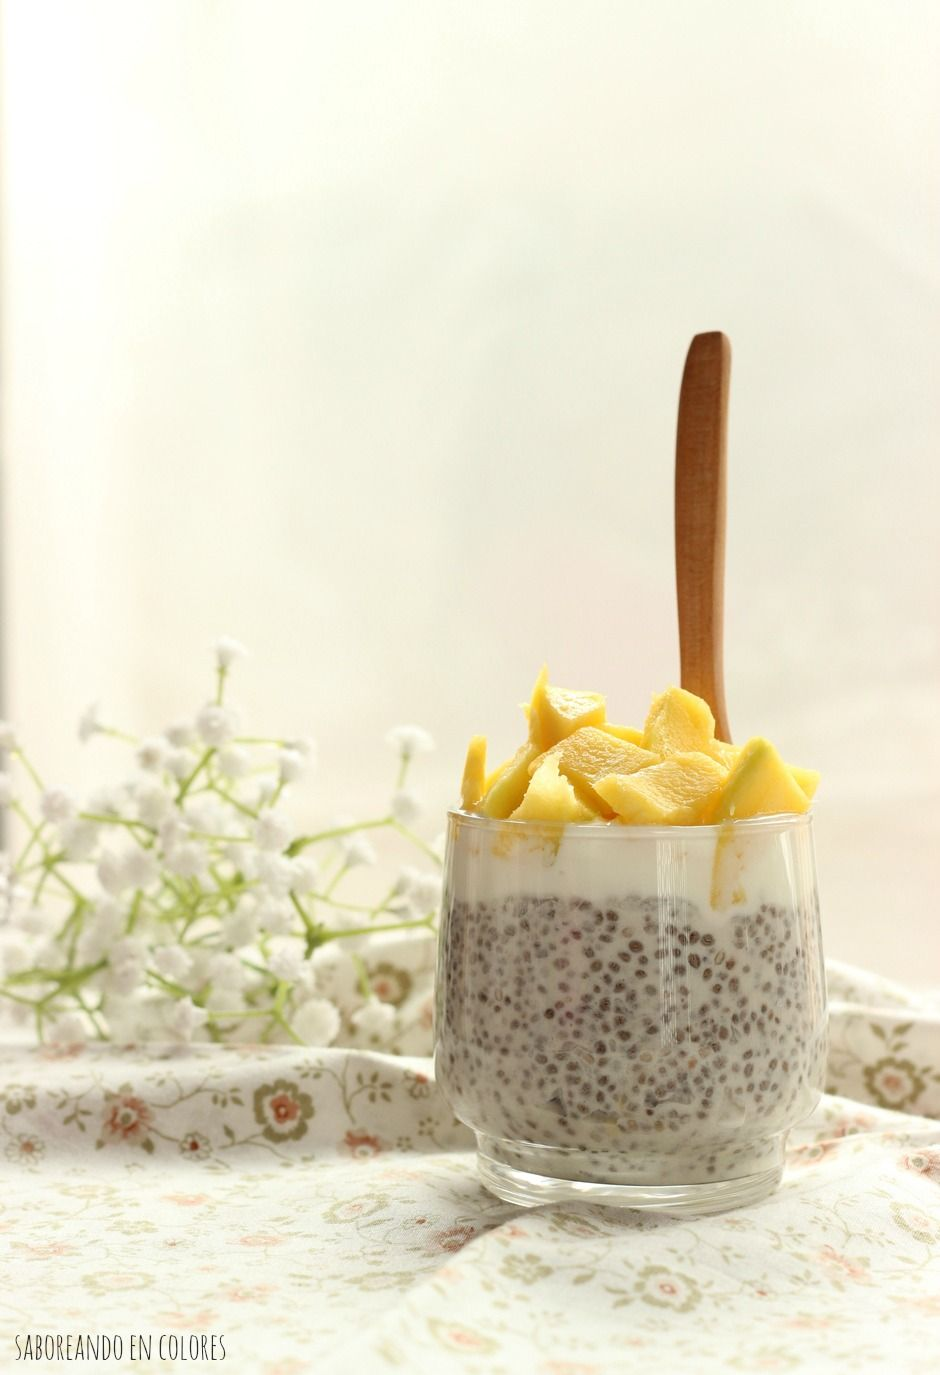 Este es el desayuno perfecto para quienes buscan recetas saludables y nutritivas.. Esto es lo que aportan las semillas…